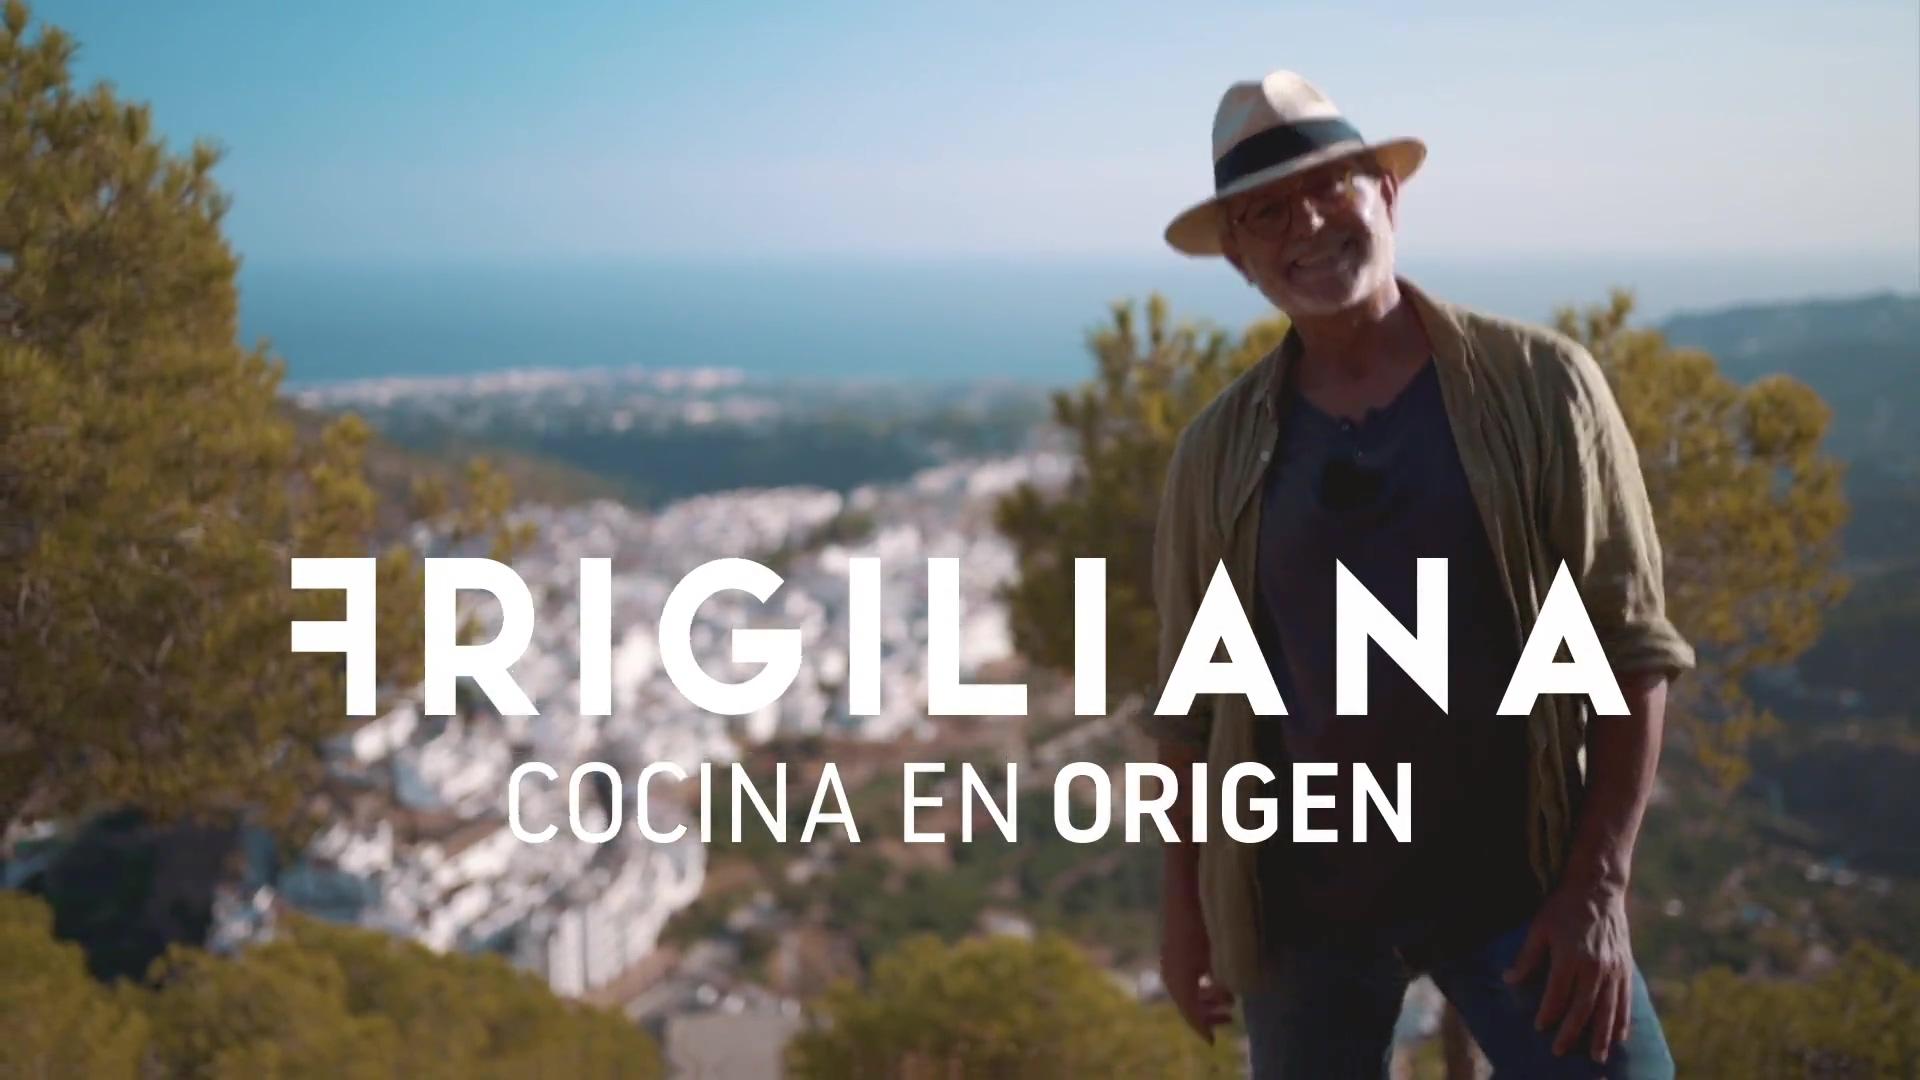 FRIGILIANA - MALAGA COCINA EN ORIGEN